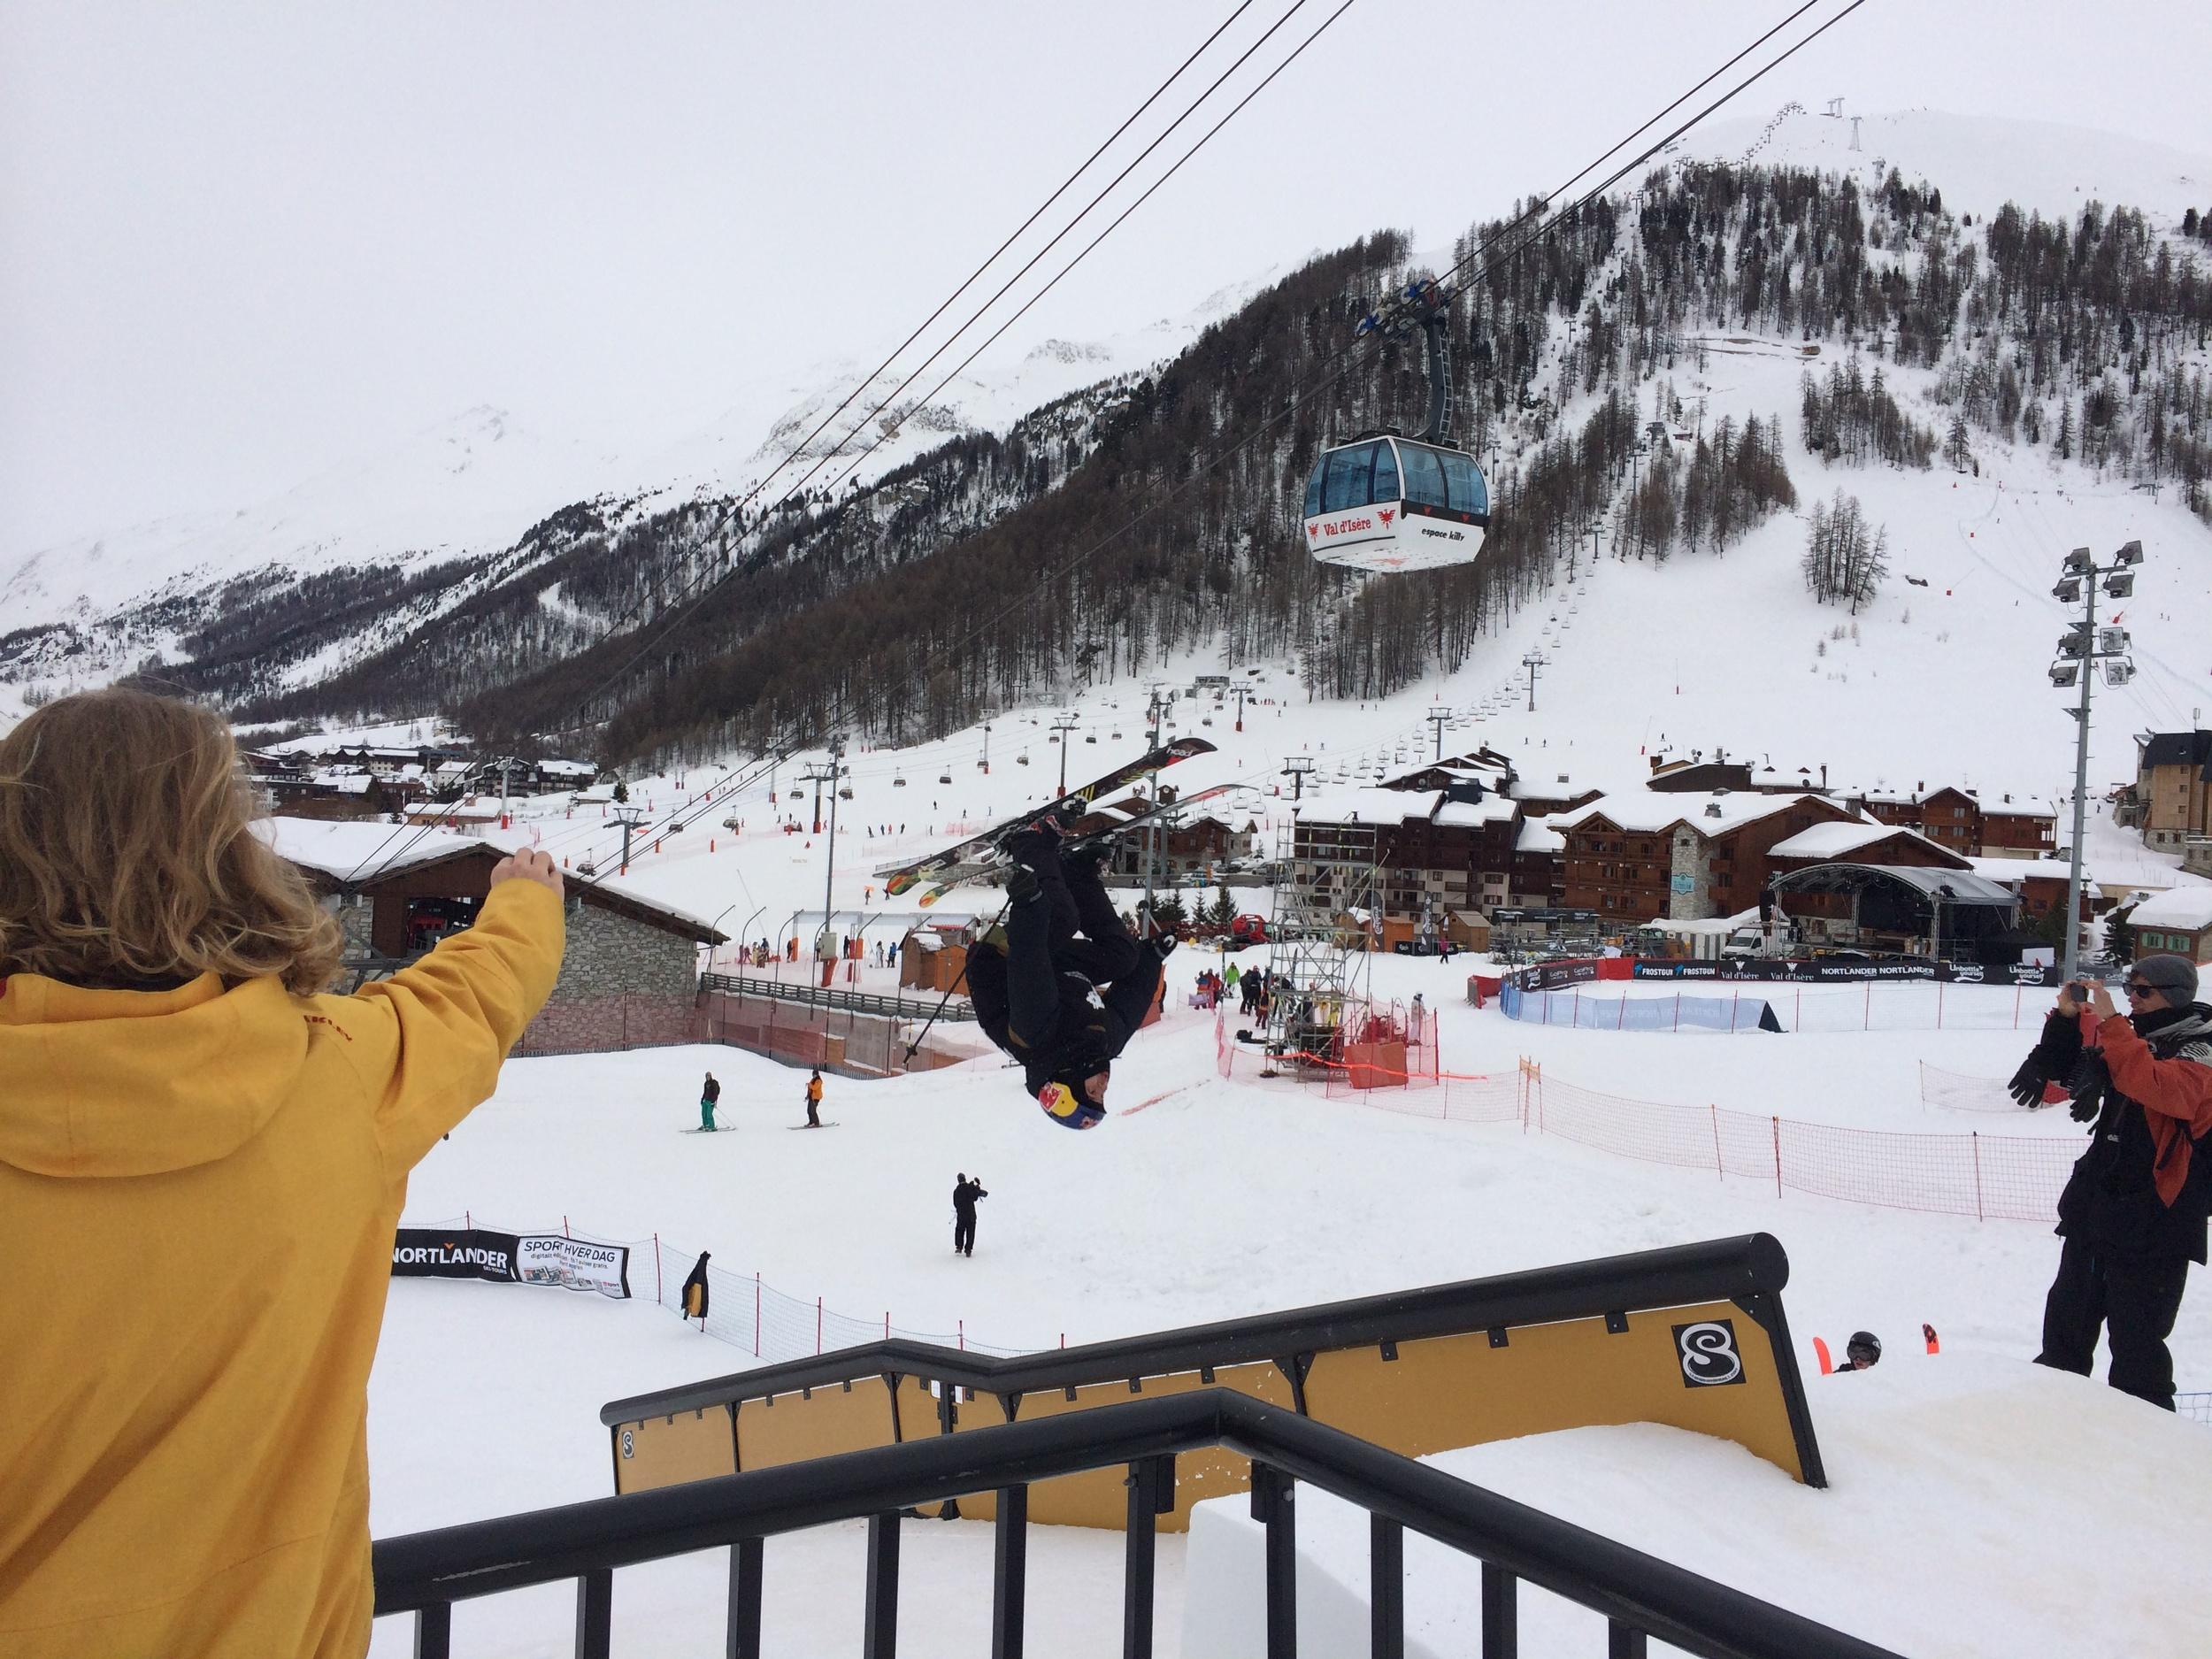 Jesper mid backflip onto the rail